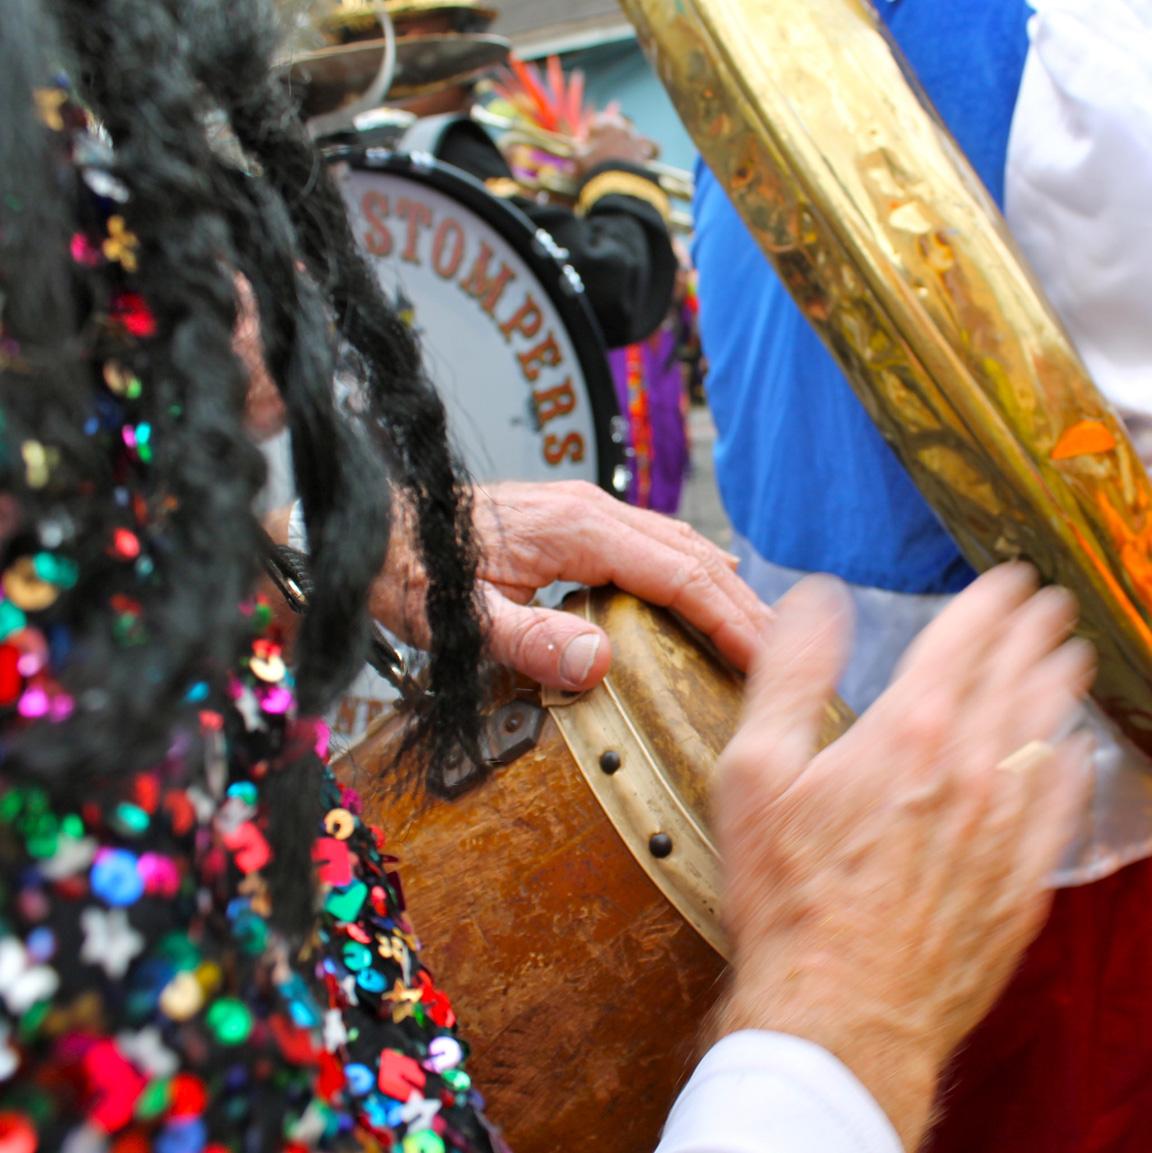 Pisces Parade: mardi gras 2012 - part 2